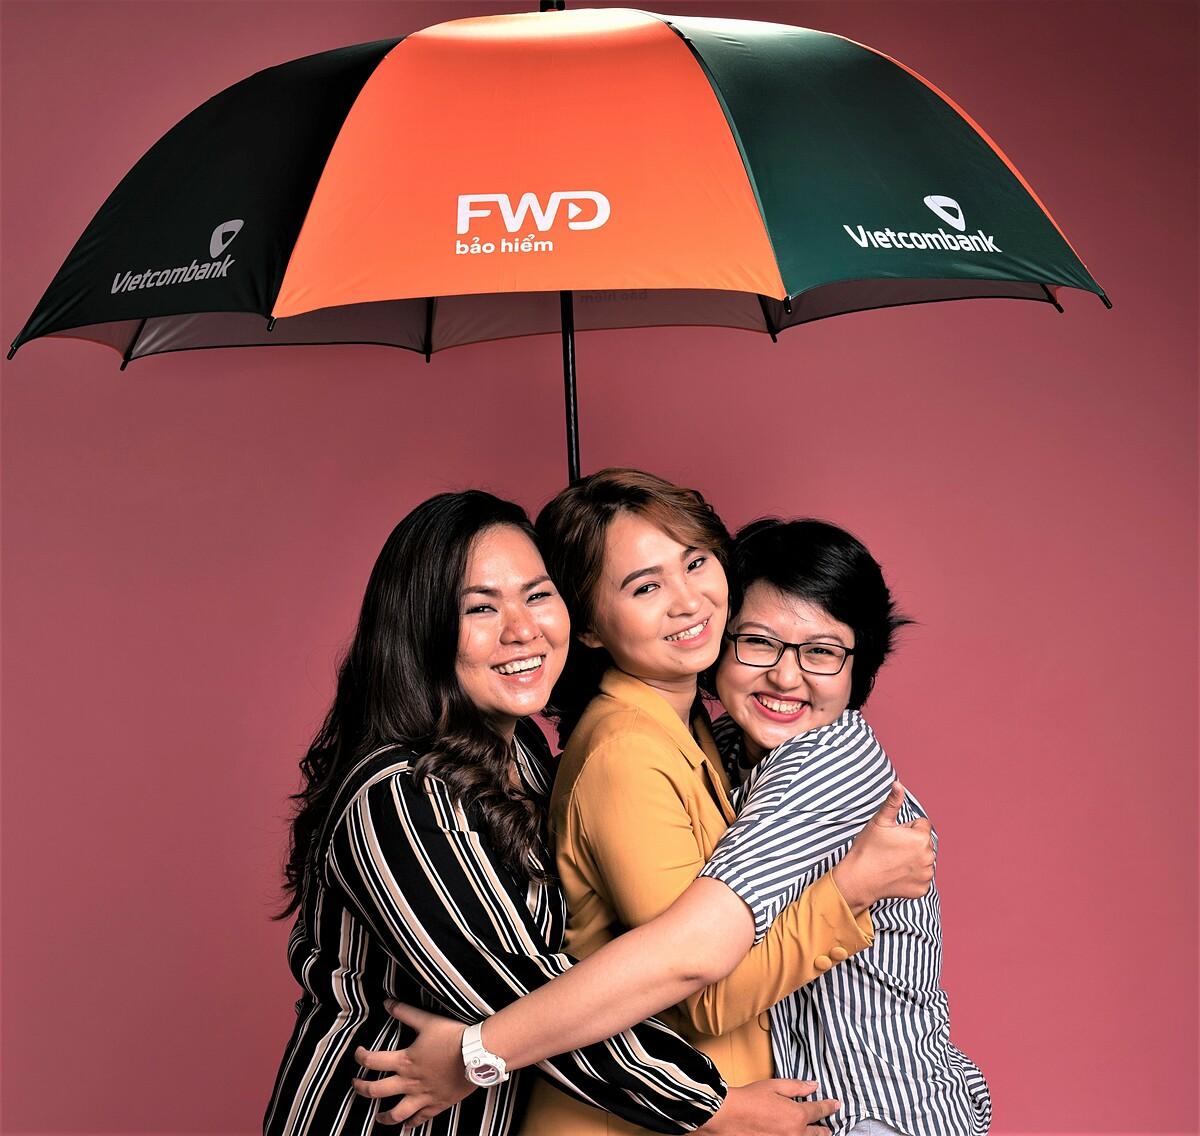 Cả ba cô gái đang là đại sứ của chiến dịch Sớm bảo vệ, Tự tin sống giúp cảnh báo tình trạng trẻ hóa bệnh ung thư tại Việt Nam, đồng thời chung tay đóng góp xây dựng Thư viện tóc giả cho các bệnh nhân ung thư.